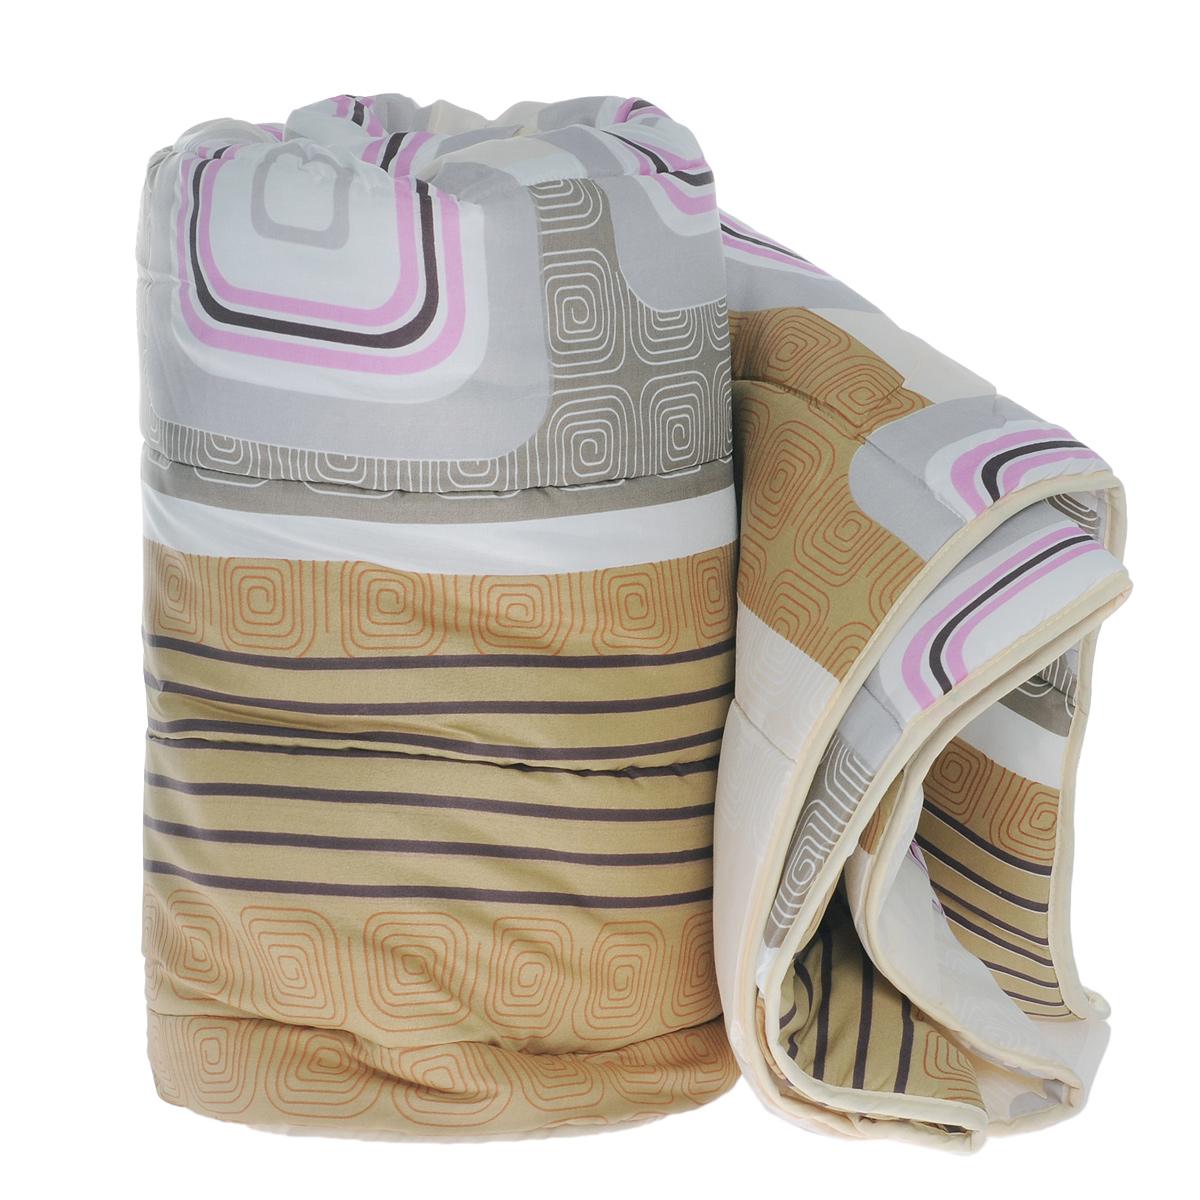 """Всесезонное одеяло OL-Tex """"Miotex"""" создаст комфорт и уют во время сна.   Стеганый чехол выполнен из полиэстера и оформлен красивым рисунком.   Внутри -   наполнитель из полиэфирного высокосиликонизированного волокна Holfiteks,   упругий и качественный.   Холфитекс - современный экологически чистый синтетический материал,   изготовленный по новейшим технологиям. Его уникальность заключается в   расположении волокон, которые позволяют моментально восстанавливать   форму и   сохранять ее долгое время. Изделия с использованием Холфитекса очень   удобны   в эксплуатации - их можно часто стирать без потери потребительских свойств,   они   быстро высыхают, не впитывают запахов и совершенно гиппоаллергенны.   Холфитекс также обеспечивает хорошую терморегуляцию, поэтому изделия с   наполнителем из холфитекса очень комфортны в использовании.  Одеяло с наполнителем Холфитекс порадует вас в любое время года. Оно   комфортно согревает и создает отличный микроклимат.   Рекомендации по уходу: - Стирка при температуре 30°С. - Не гладить. - Не отбеливать.  - Нельзя отжимать и сушить в стиральной машине.   - Сушить вертикально.   Плотность: 300 г/м2.    УВАЖАЕМЫЕ КЛИЕНТЫ! Обращаем ваше внимание на цветовой ассортимент товара и возможные отличия в дизайне. Поставка осуществляется в зависимости от наличия на складе.   Размер одеяла: 172 см х 205 см.  Материал чехла: 100% полиэстер.  Материал наполнителя: полиэфирное высокосиликонизированное волокно Holfiteks.  Плотность: 300 г/м2.    УВАЖАЕМЫЕ КЛИЕНТЫ!  Обращаем ваше внимание на ассортимент в расцветке товара. Поставка осуществляется в зависимости от наличия на складе."""